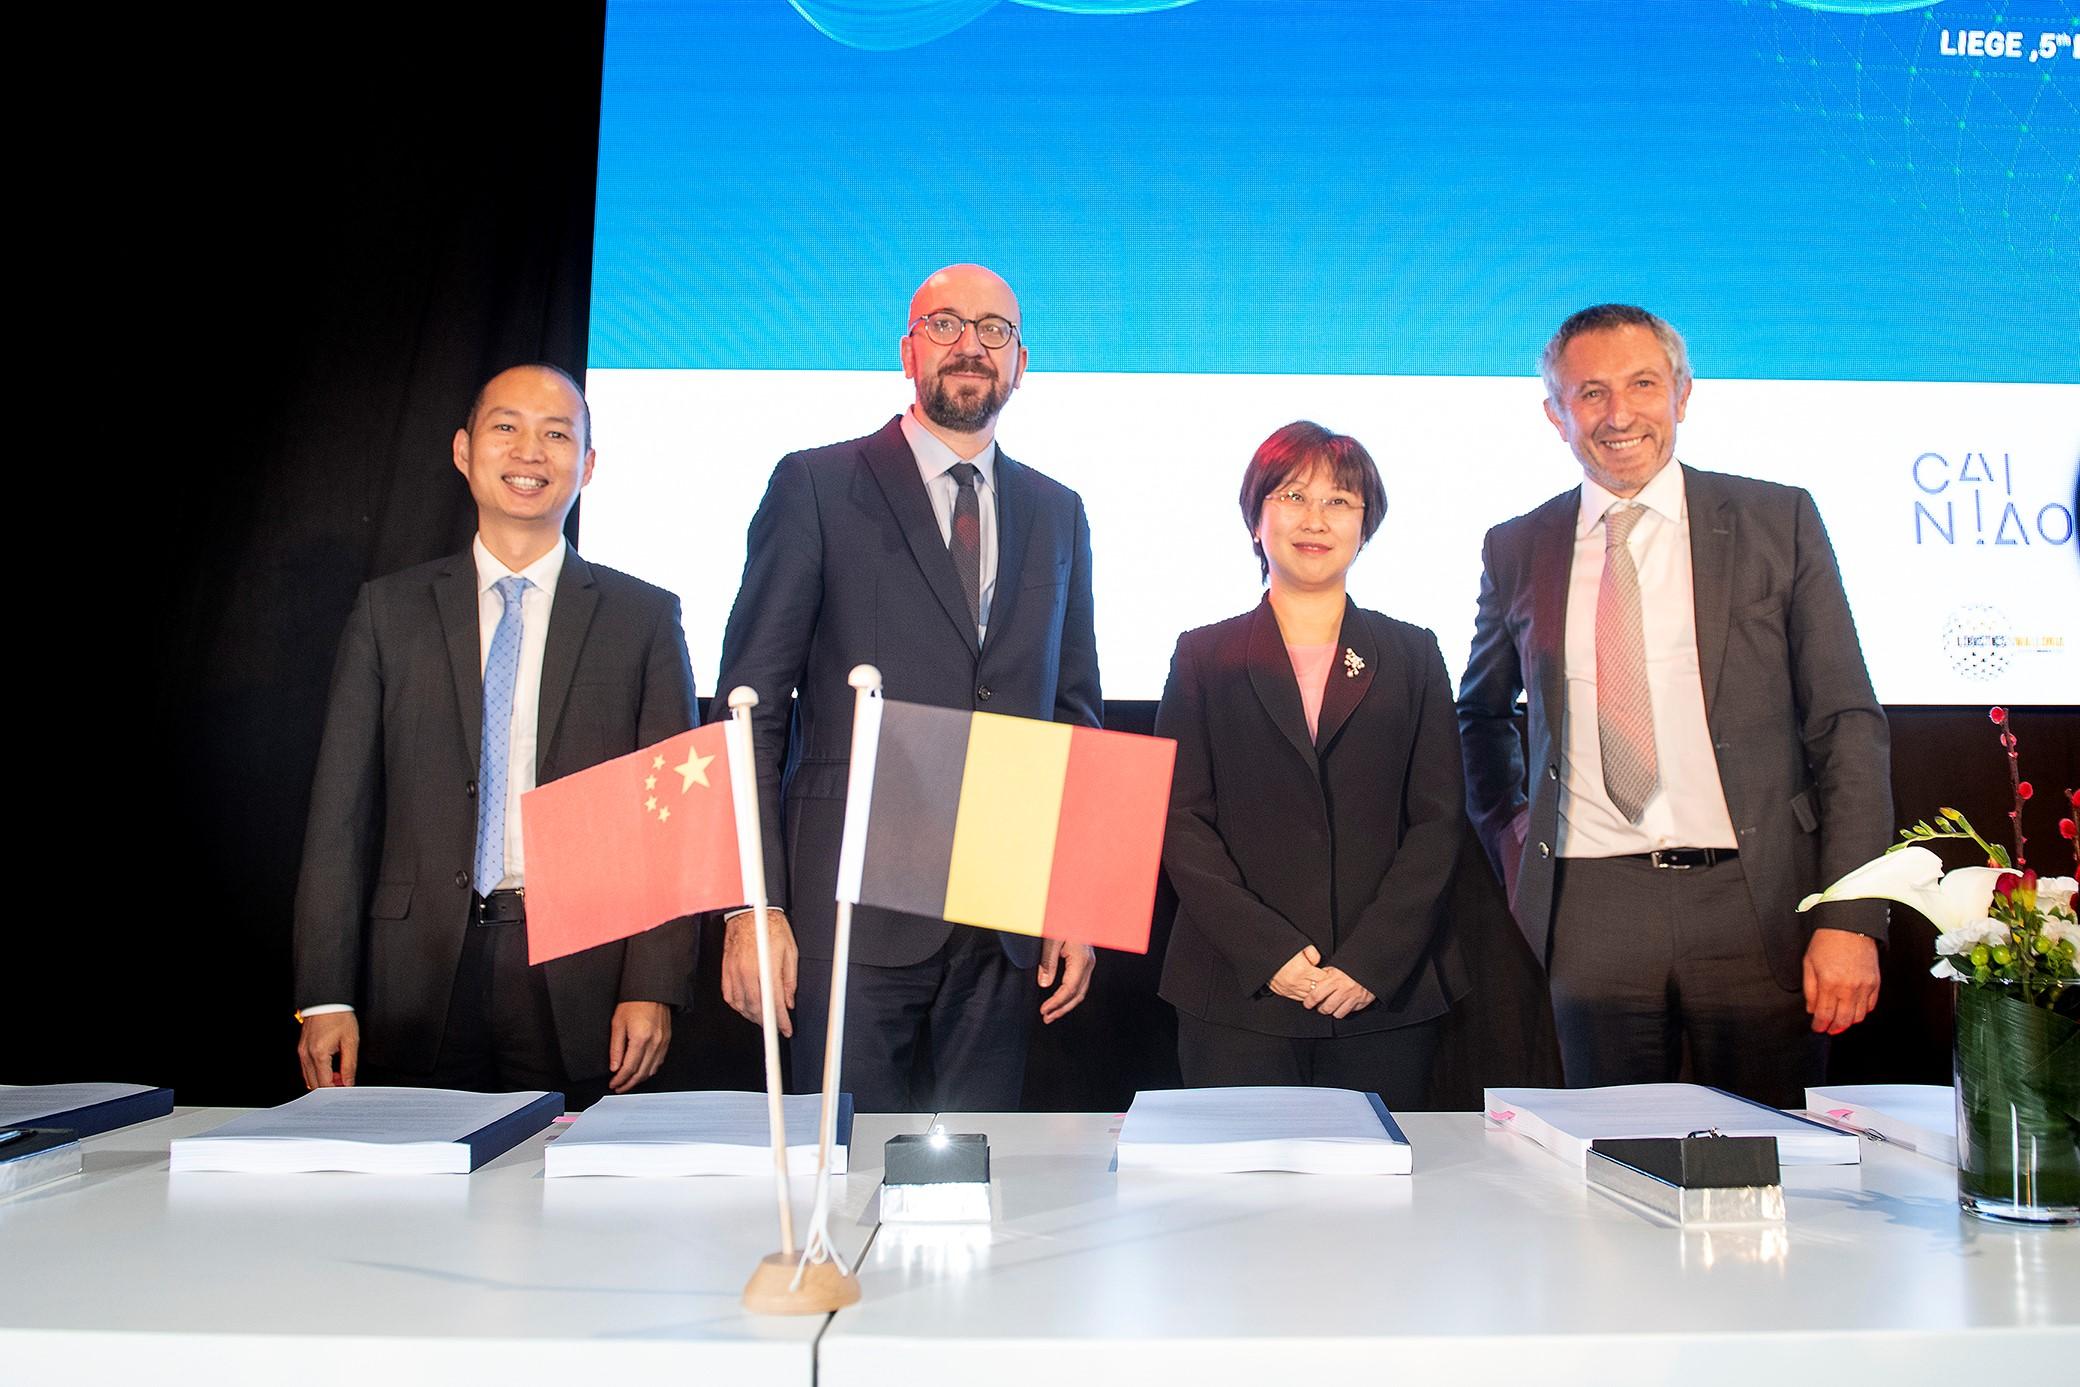 欧洲中小企业迎来eWTP,桥头堡比利时先享红利